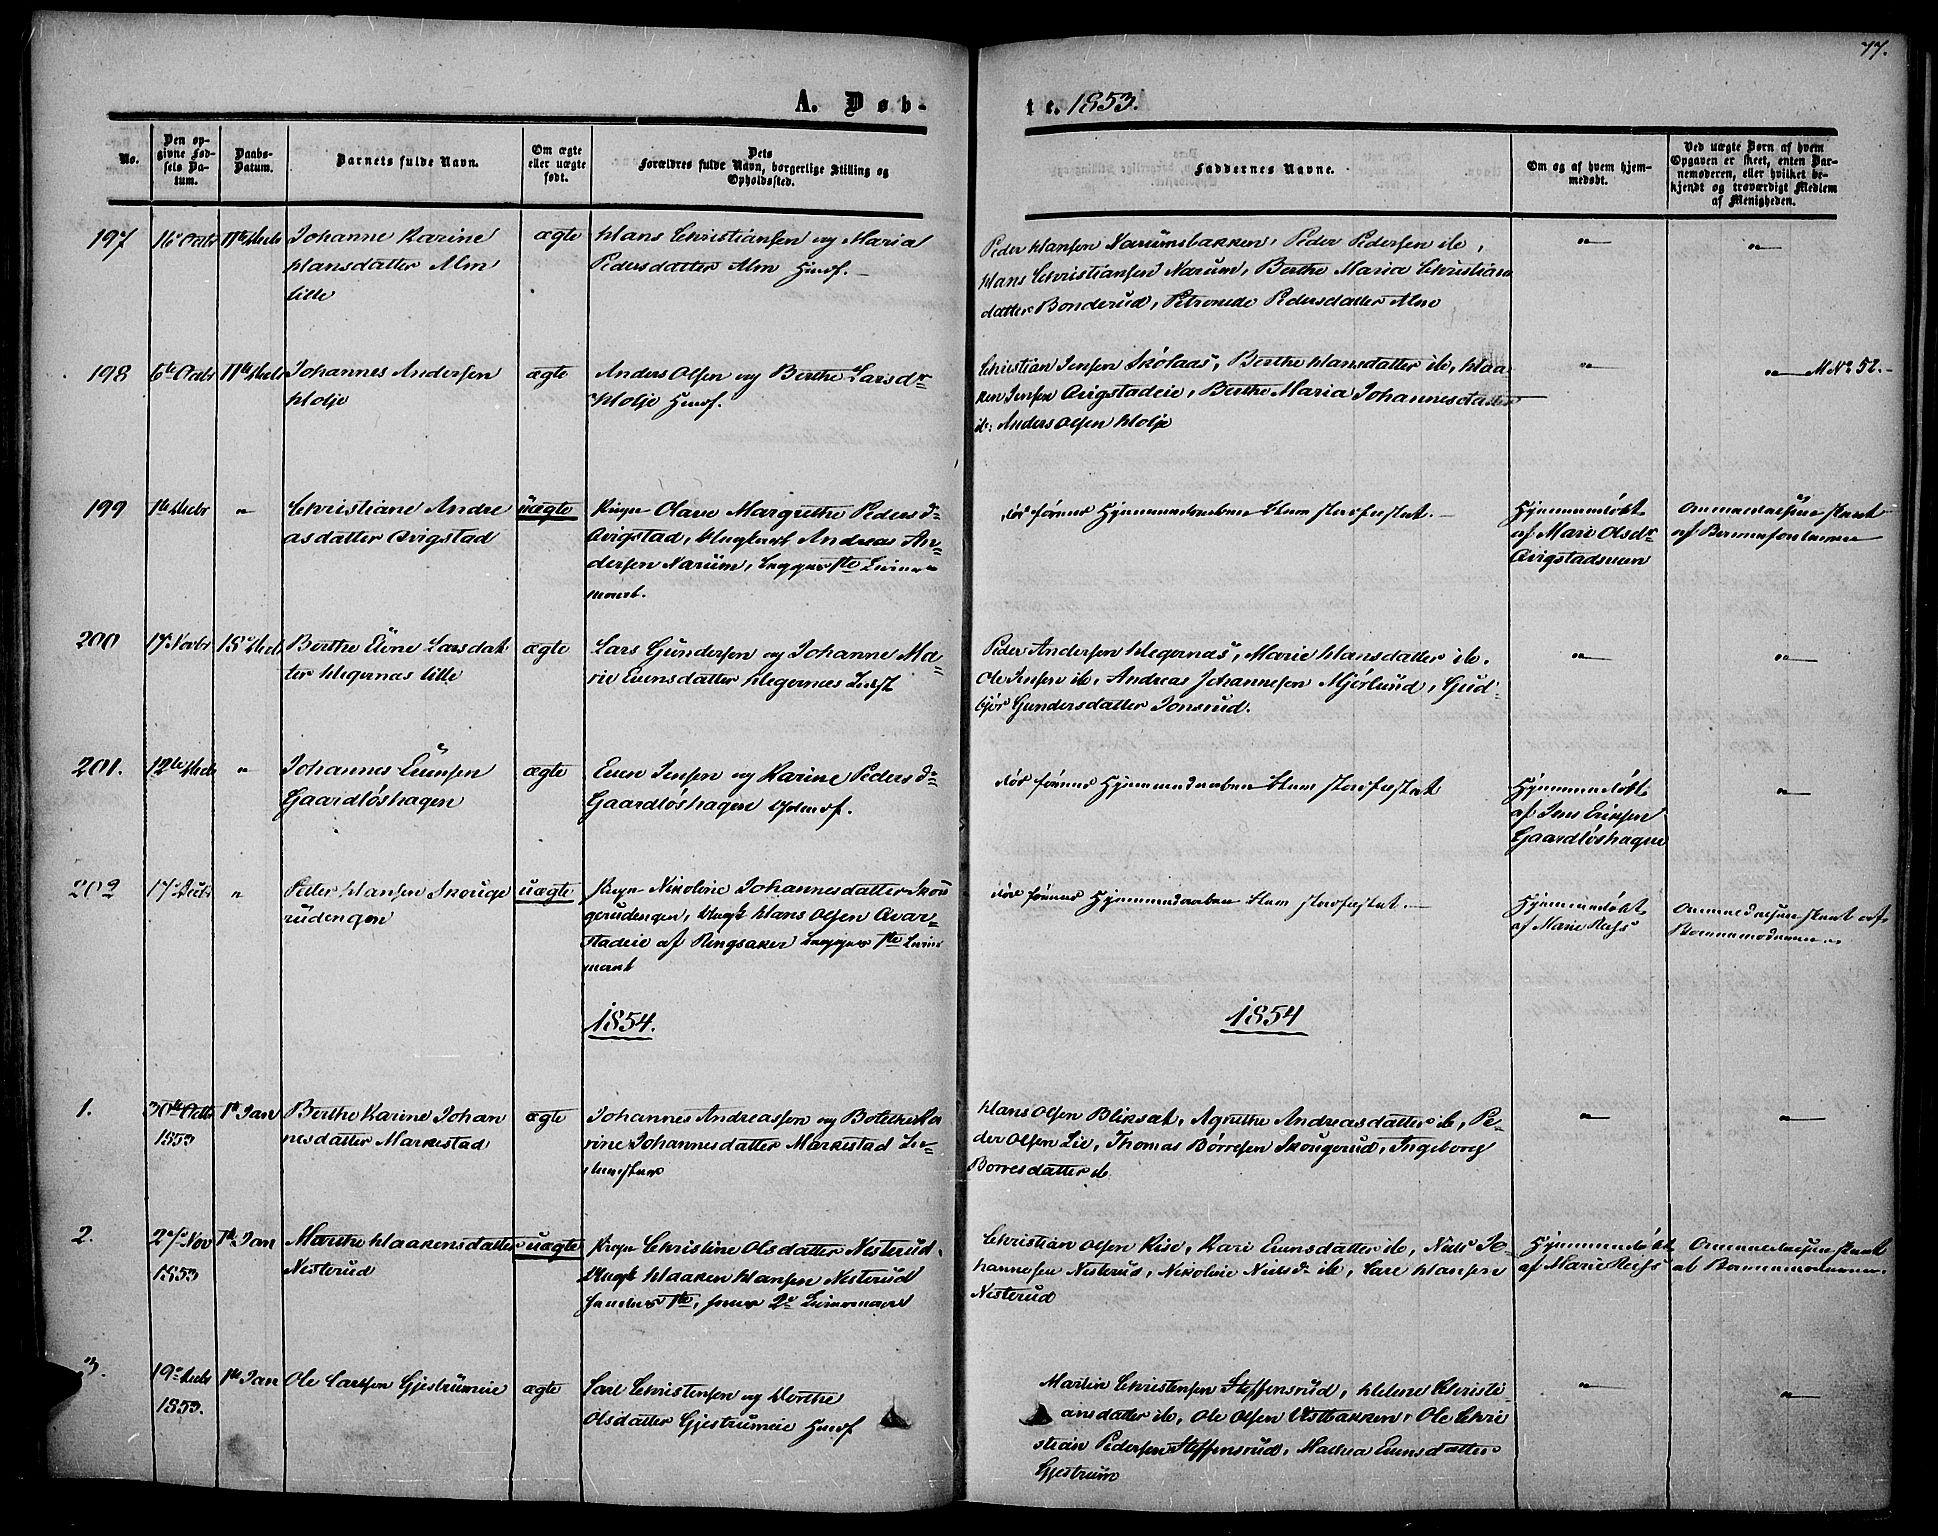 SAH, Vestre Toten prestekontor, Ministerialbok nr. 5, 1850-1855, s. 77